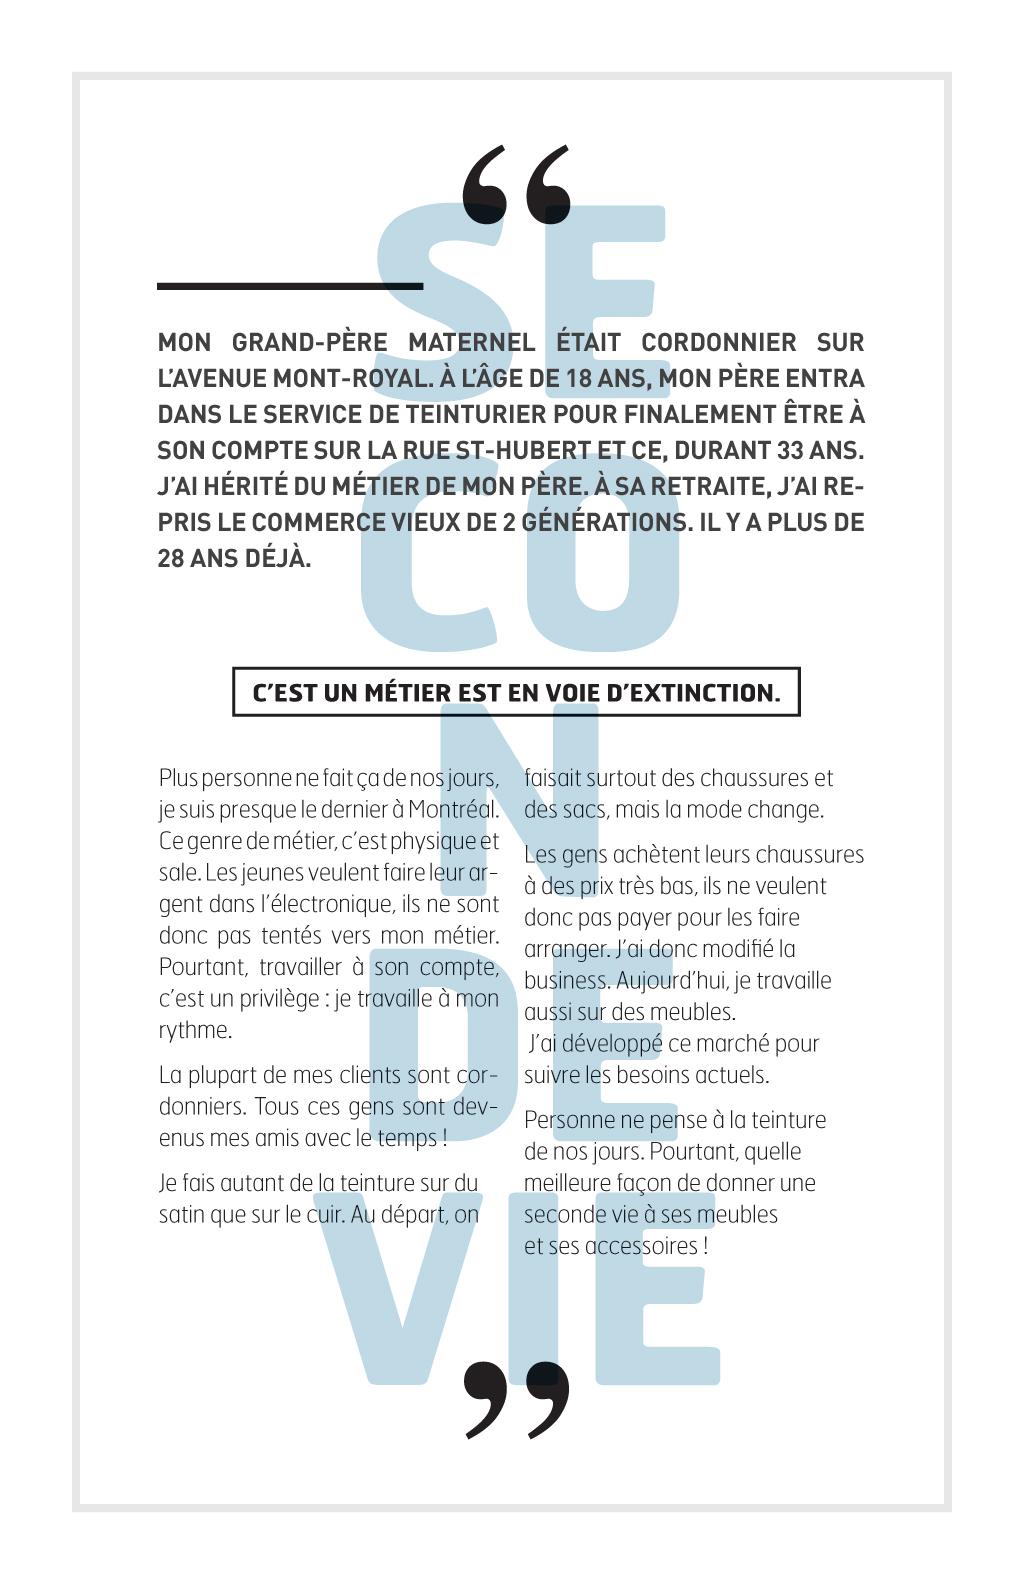 Reportage sur les métiers de la couture à Montréal :: Le fil d'Ariane # 5 :: Jean Sauriol, Les Teintures CY Sauriol